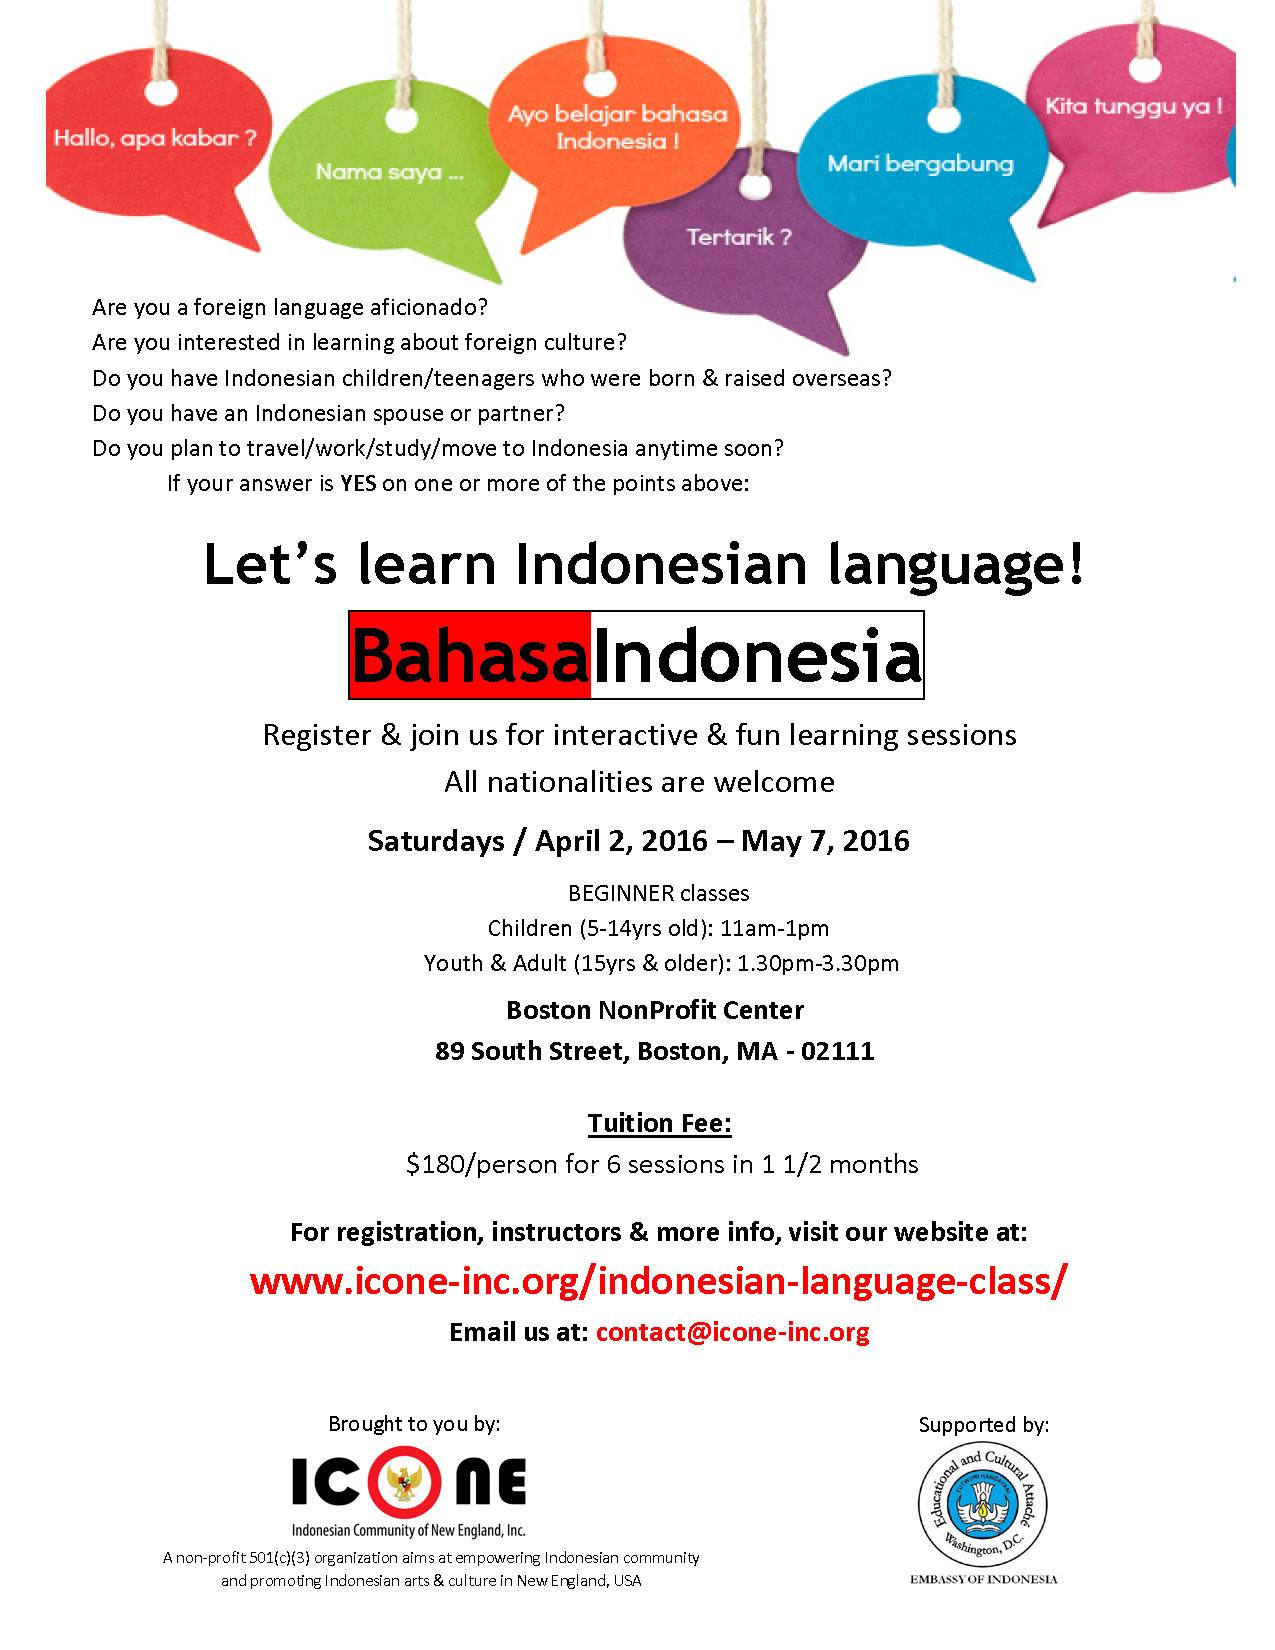 Indonesian Language Classes [04/02/16]